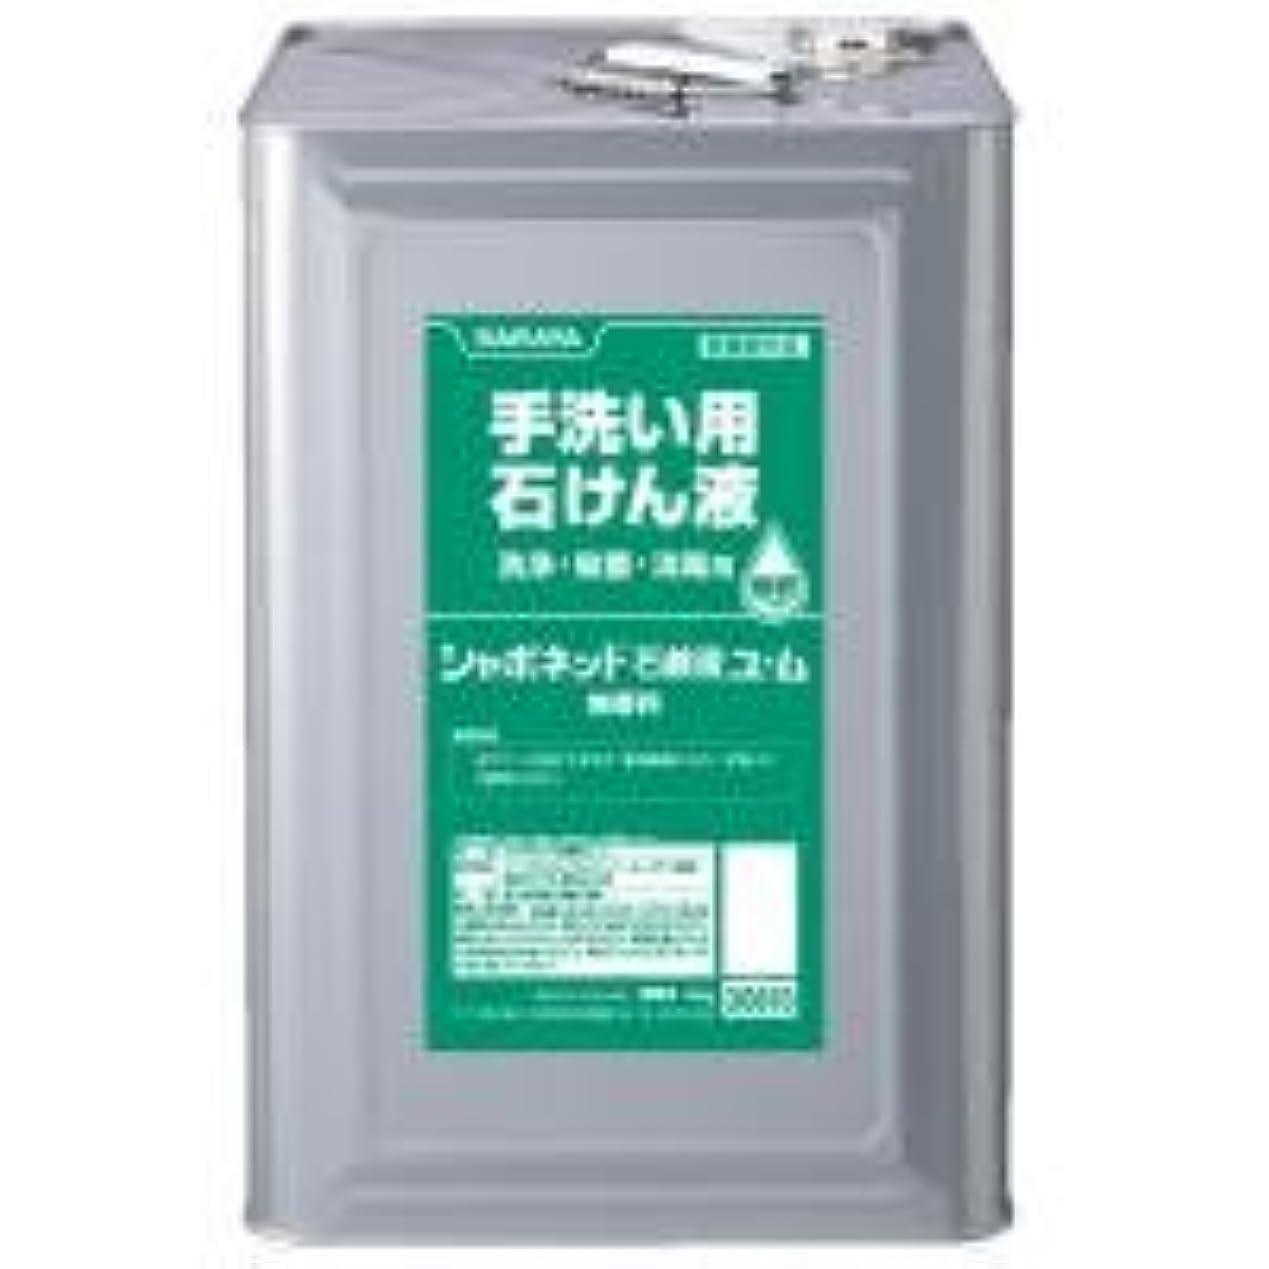 抵抗する一見バットサラヤ シャボネット 石鹸液ユ?ム 18kg×1缶